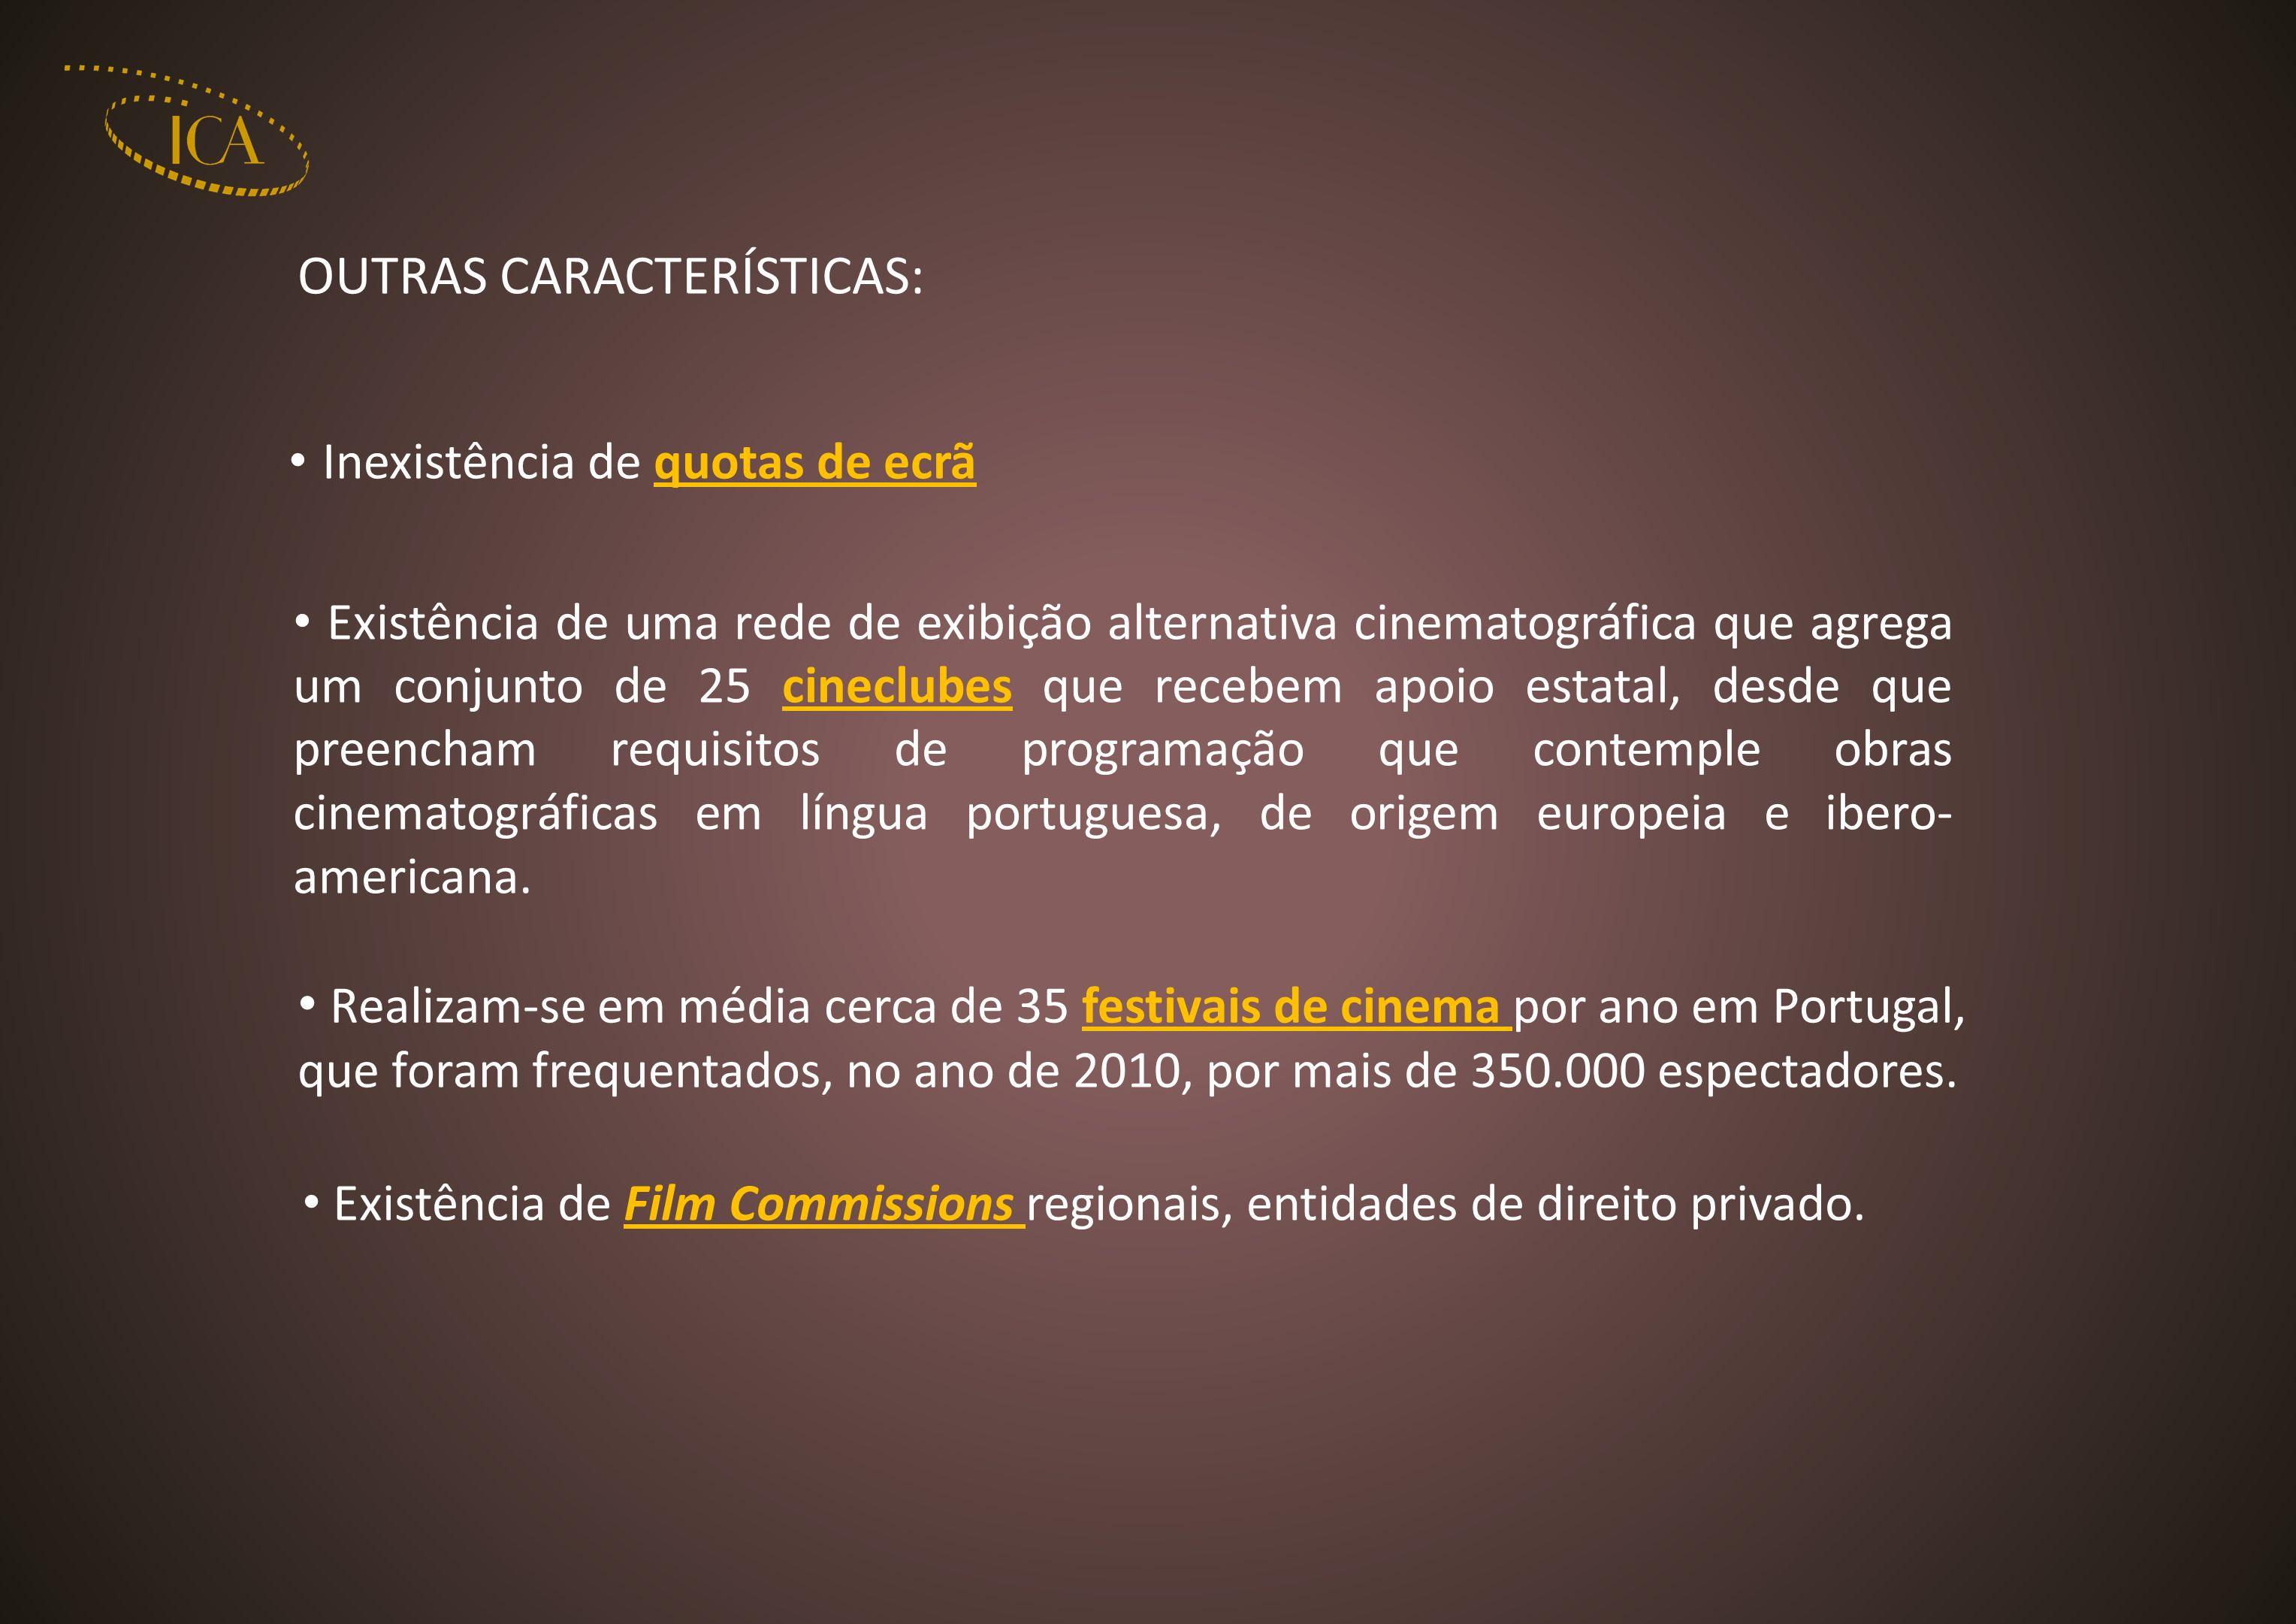 Inexistência de quotas de ecrã Existência de uma rede de exibição alternativa cinematográfica que agrega um conjunto de 25 cineclubes que recebem apoio estatal, desde que preencham requisitos de programação que contemple obras cinematográficas em língua portuguesa, de origem europeia e ibero- americana.